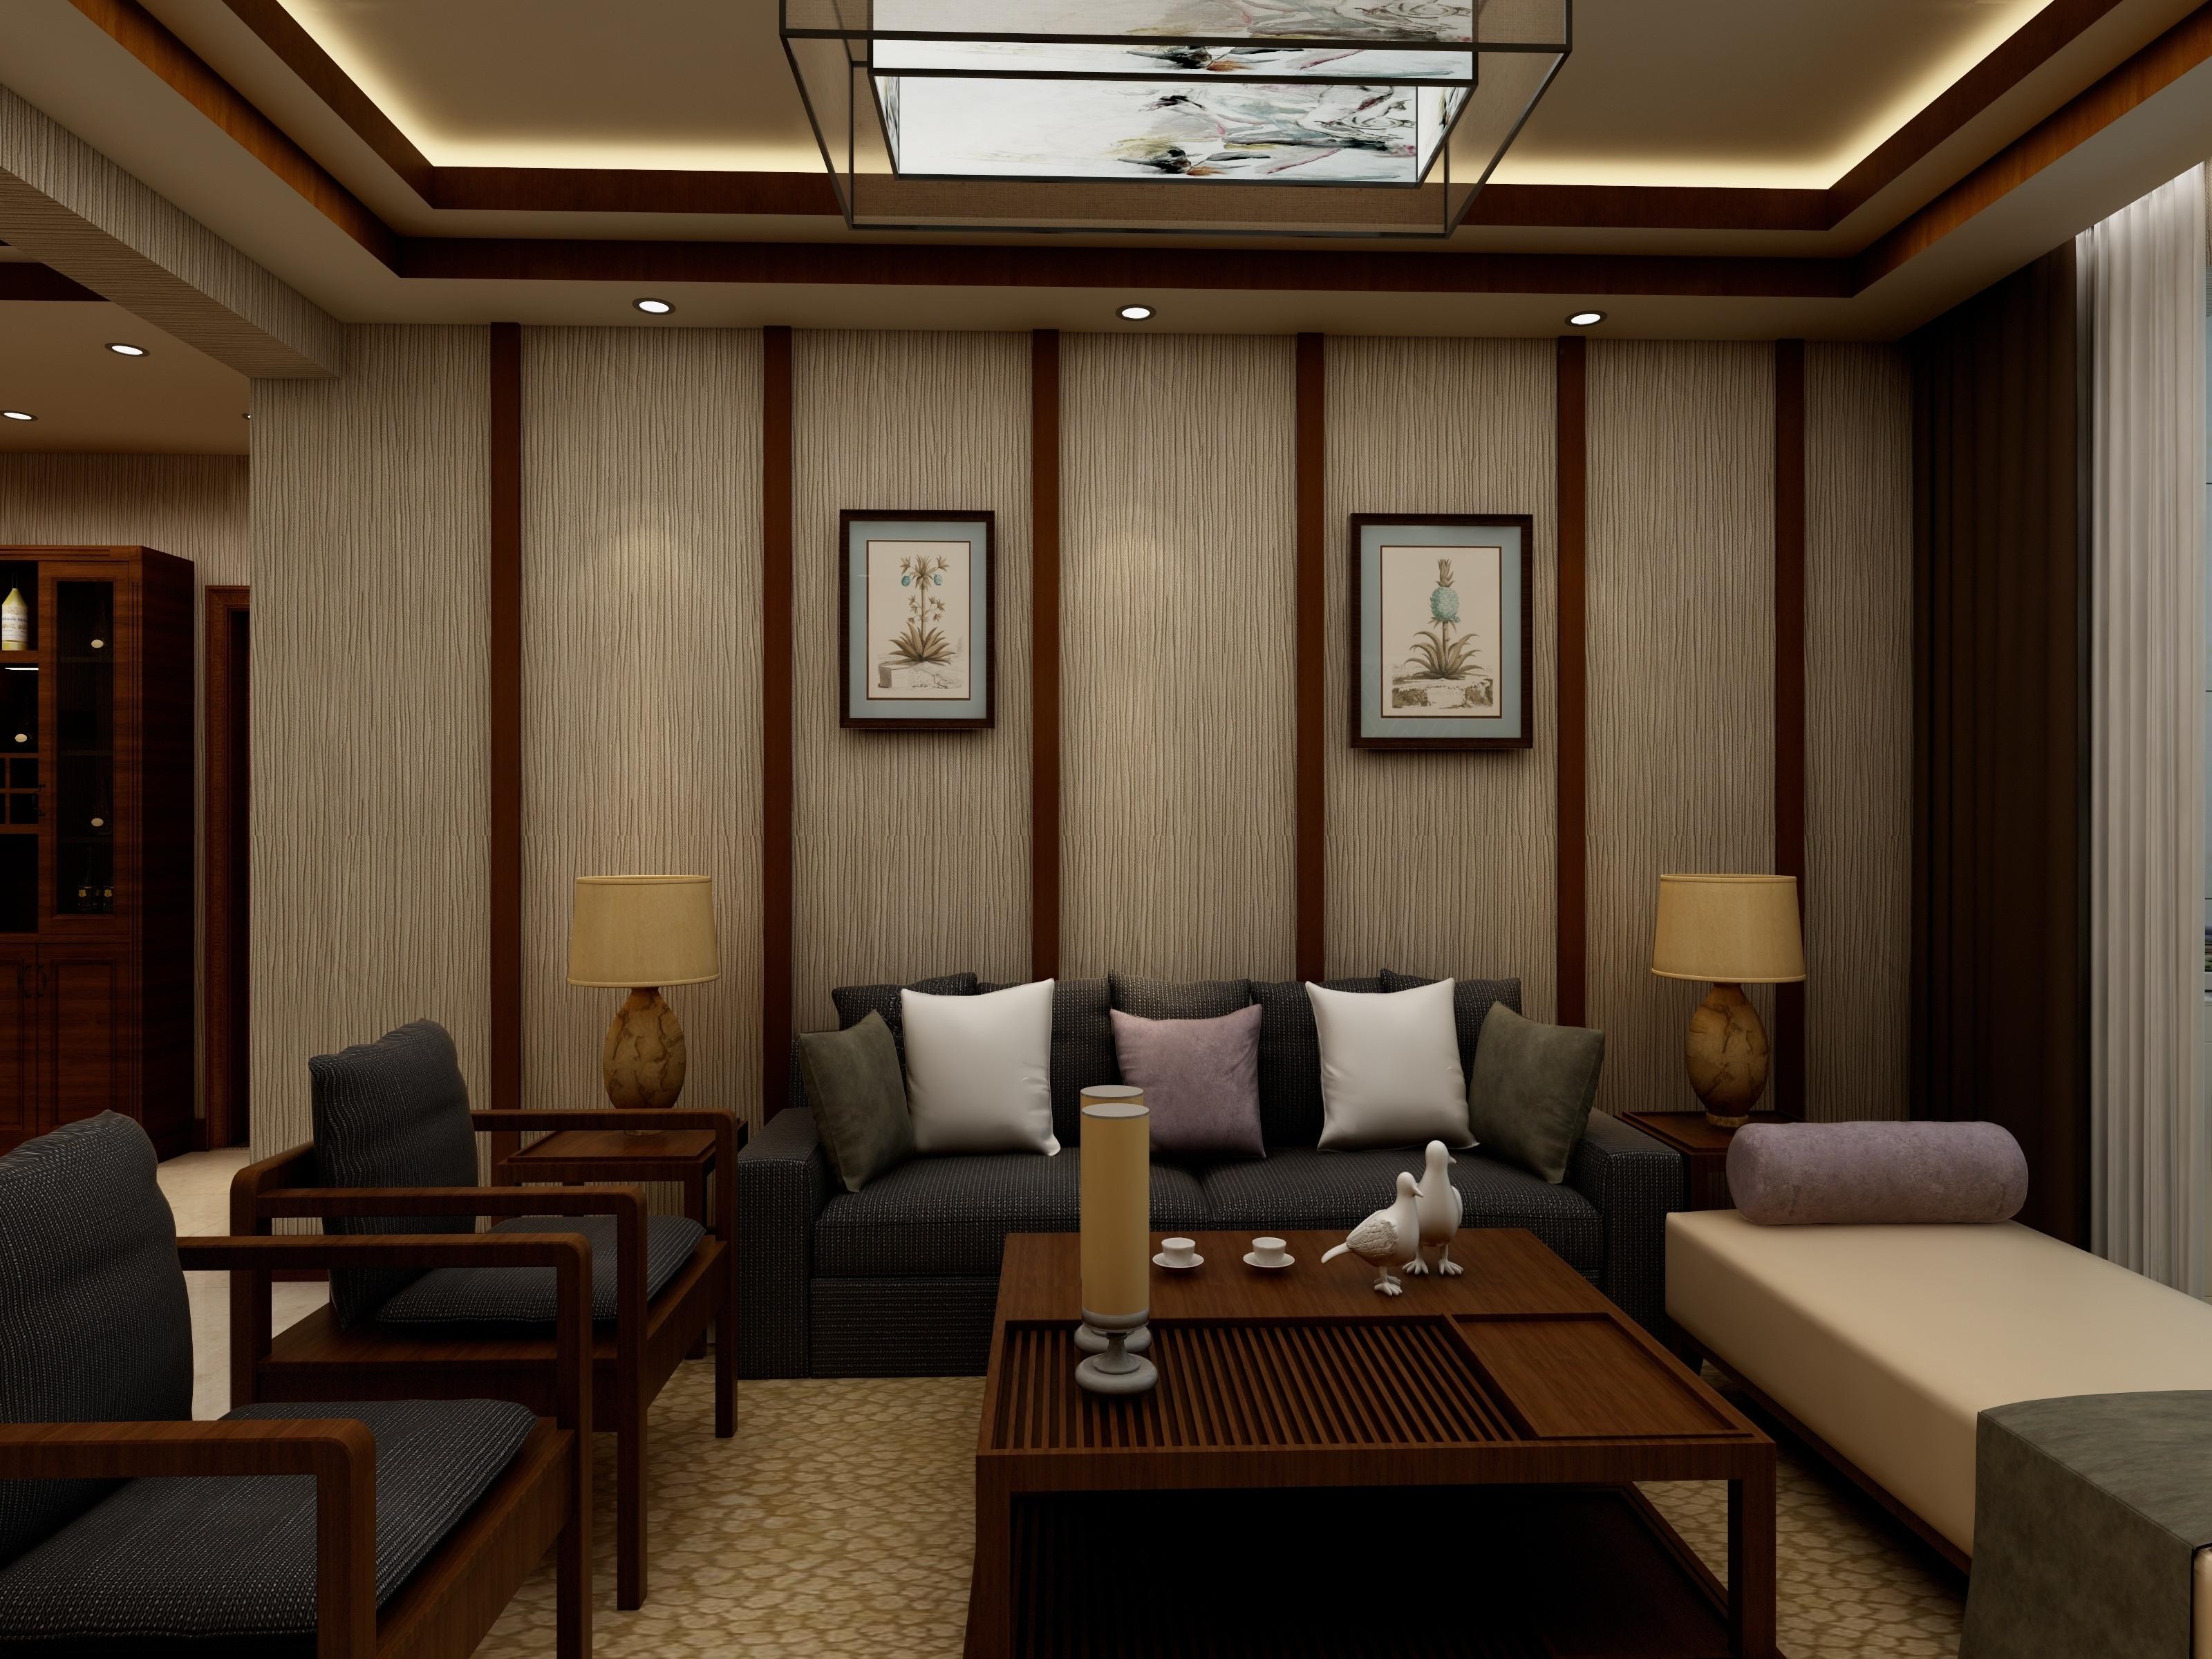 简约中式装修沙发背景墙图片